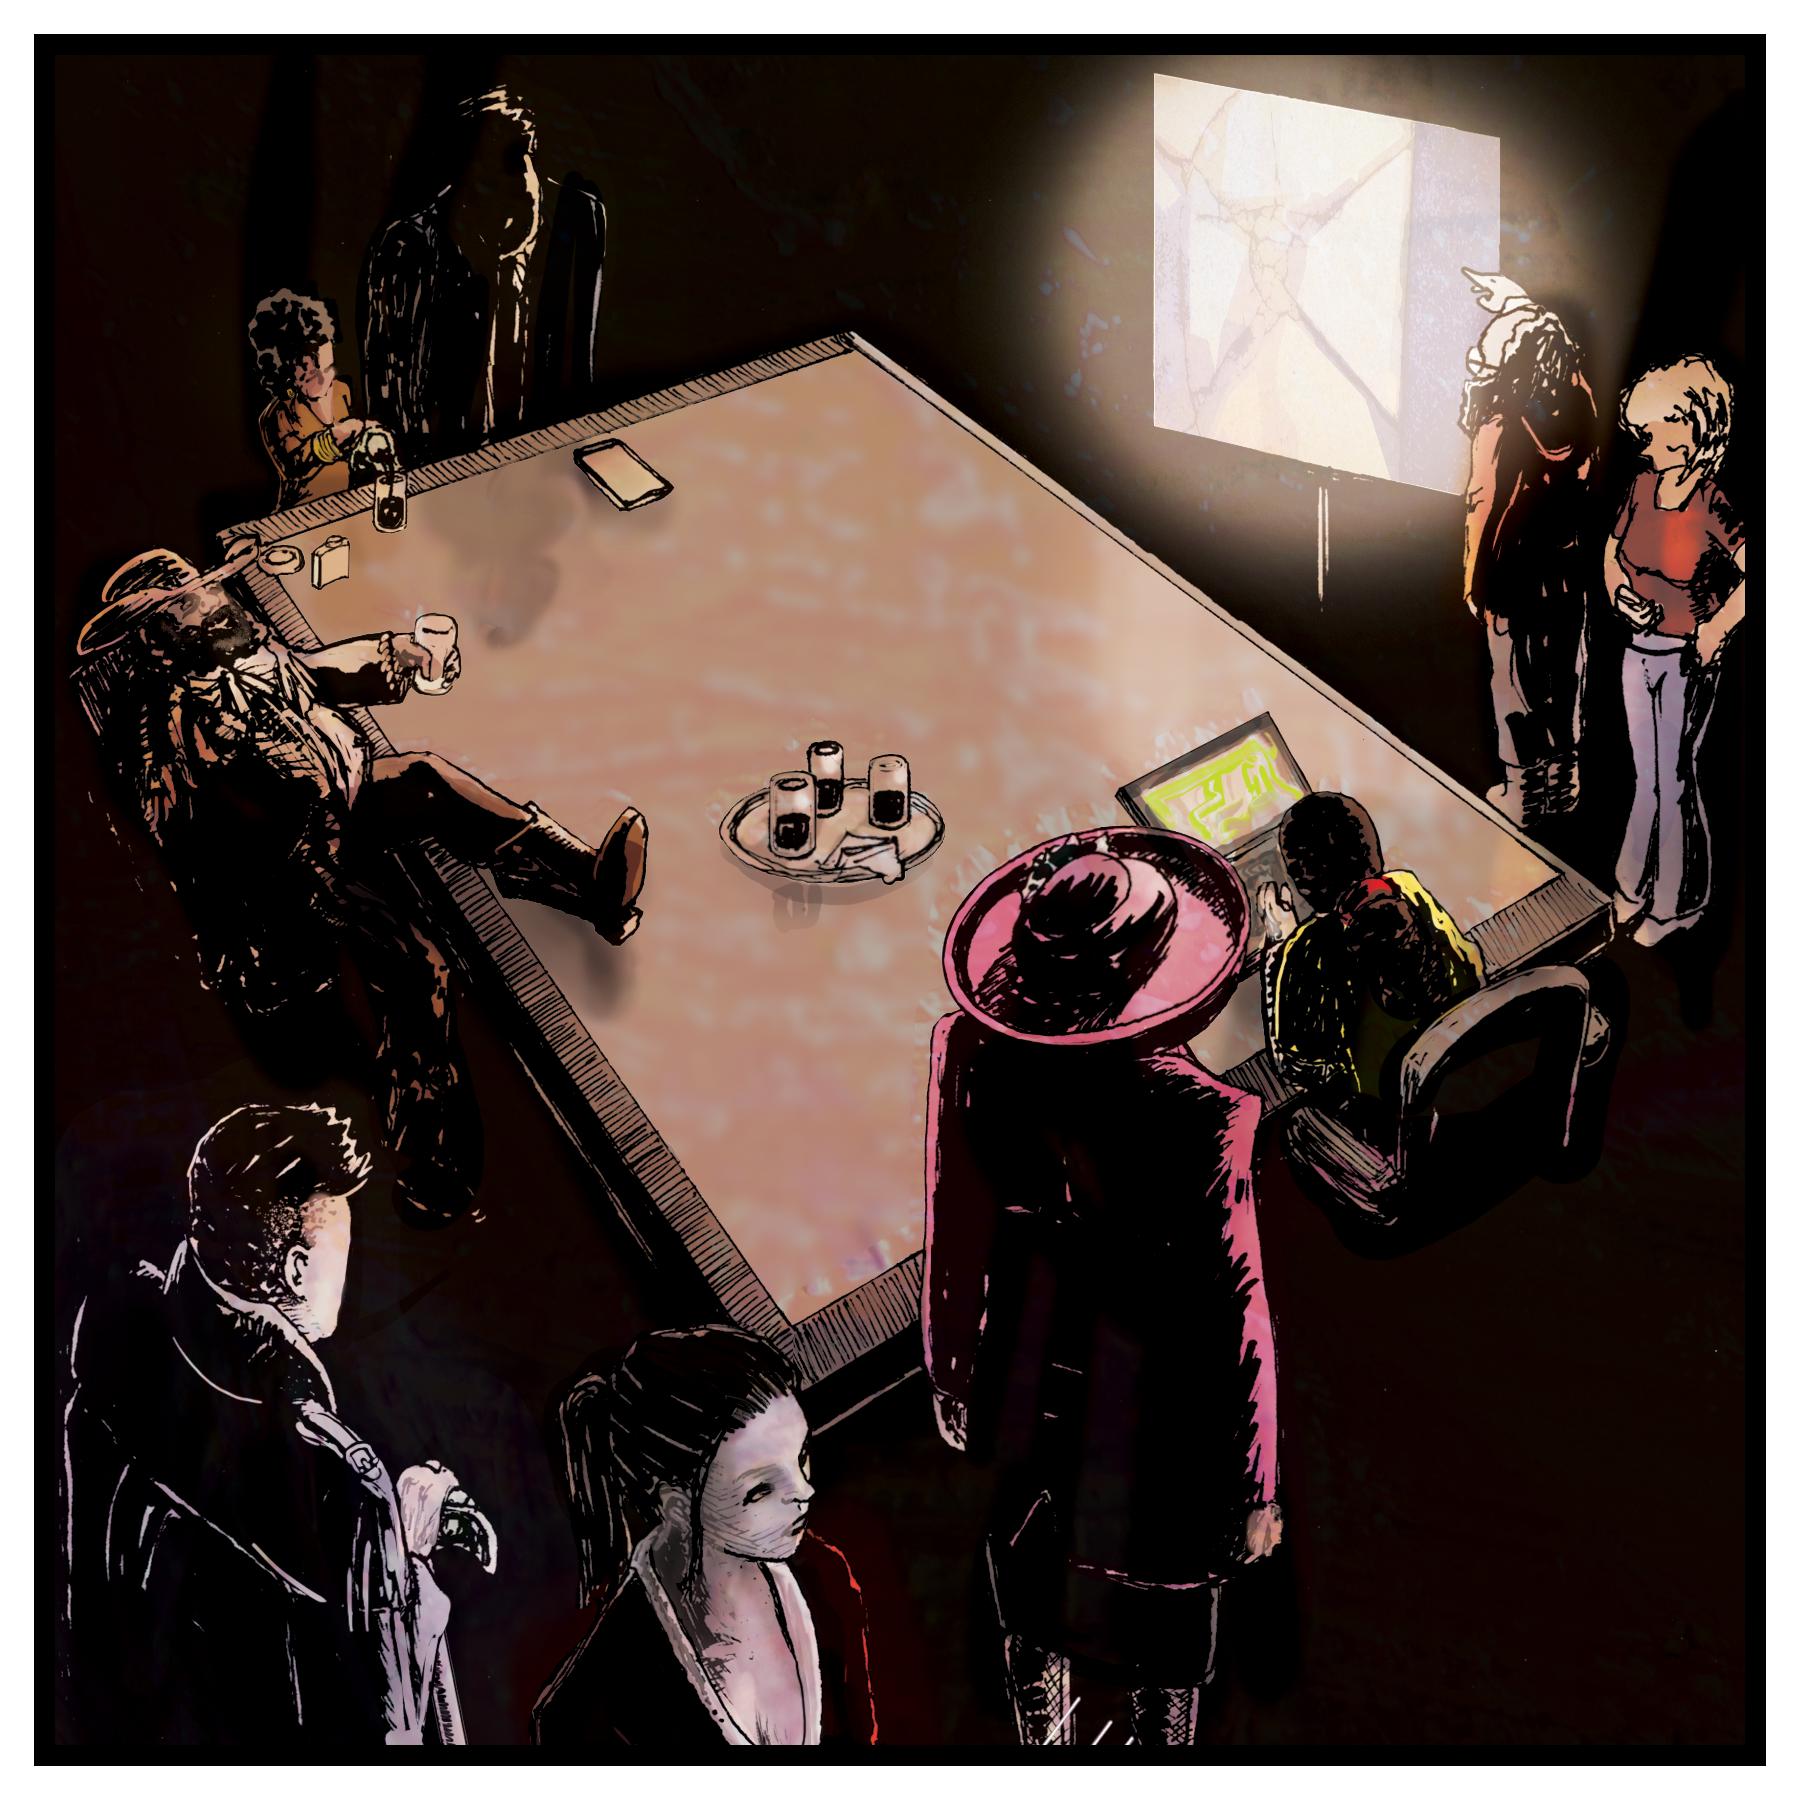 Monomania panel threeeeee